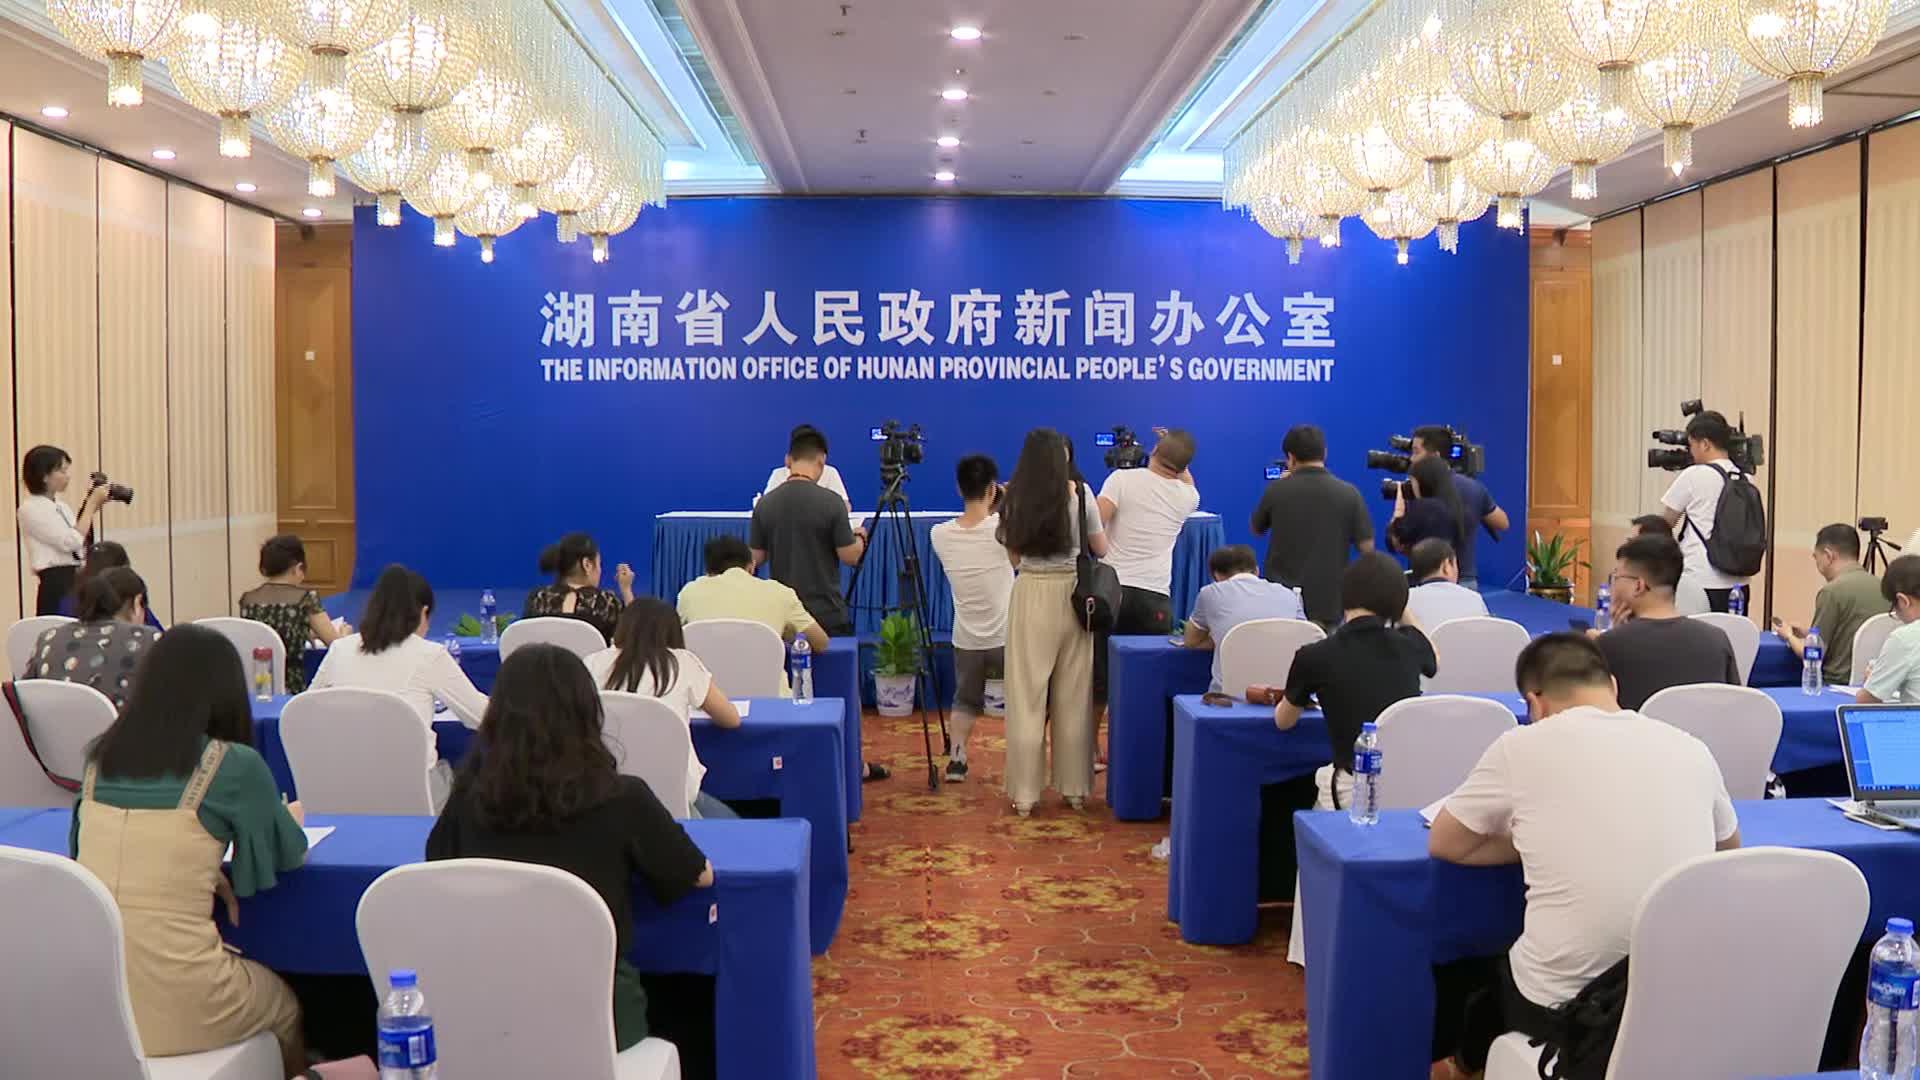 【全程回放】2018年上半年湖南国家统计调查数据新闻发布会